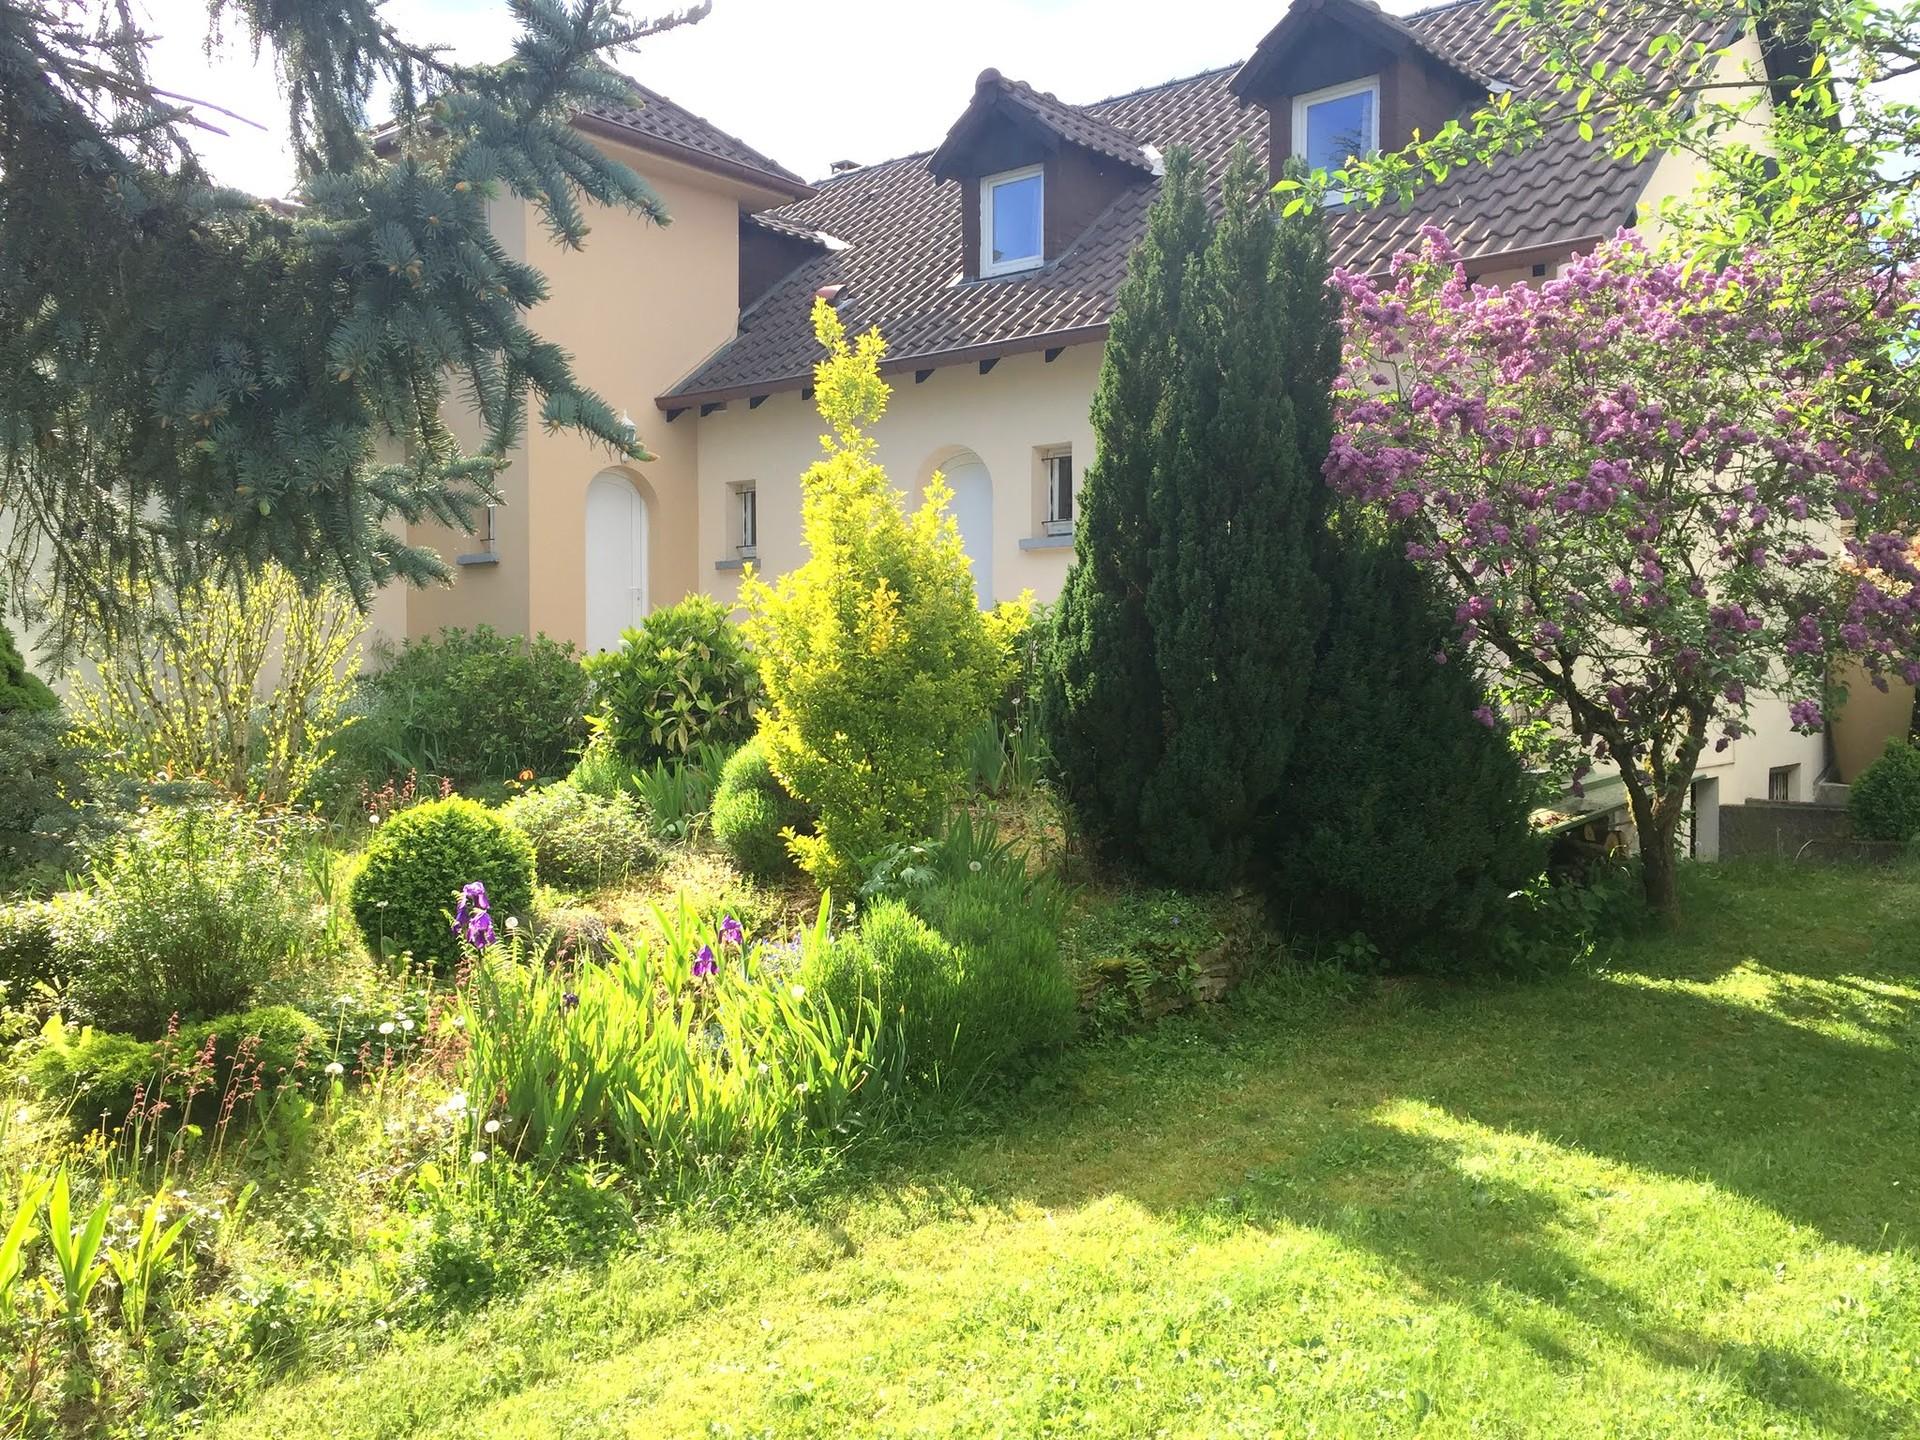 Particulier loue f3 meubl boust dans maison jardin - Location materiel jardin entre particulier ...